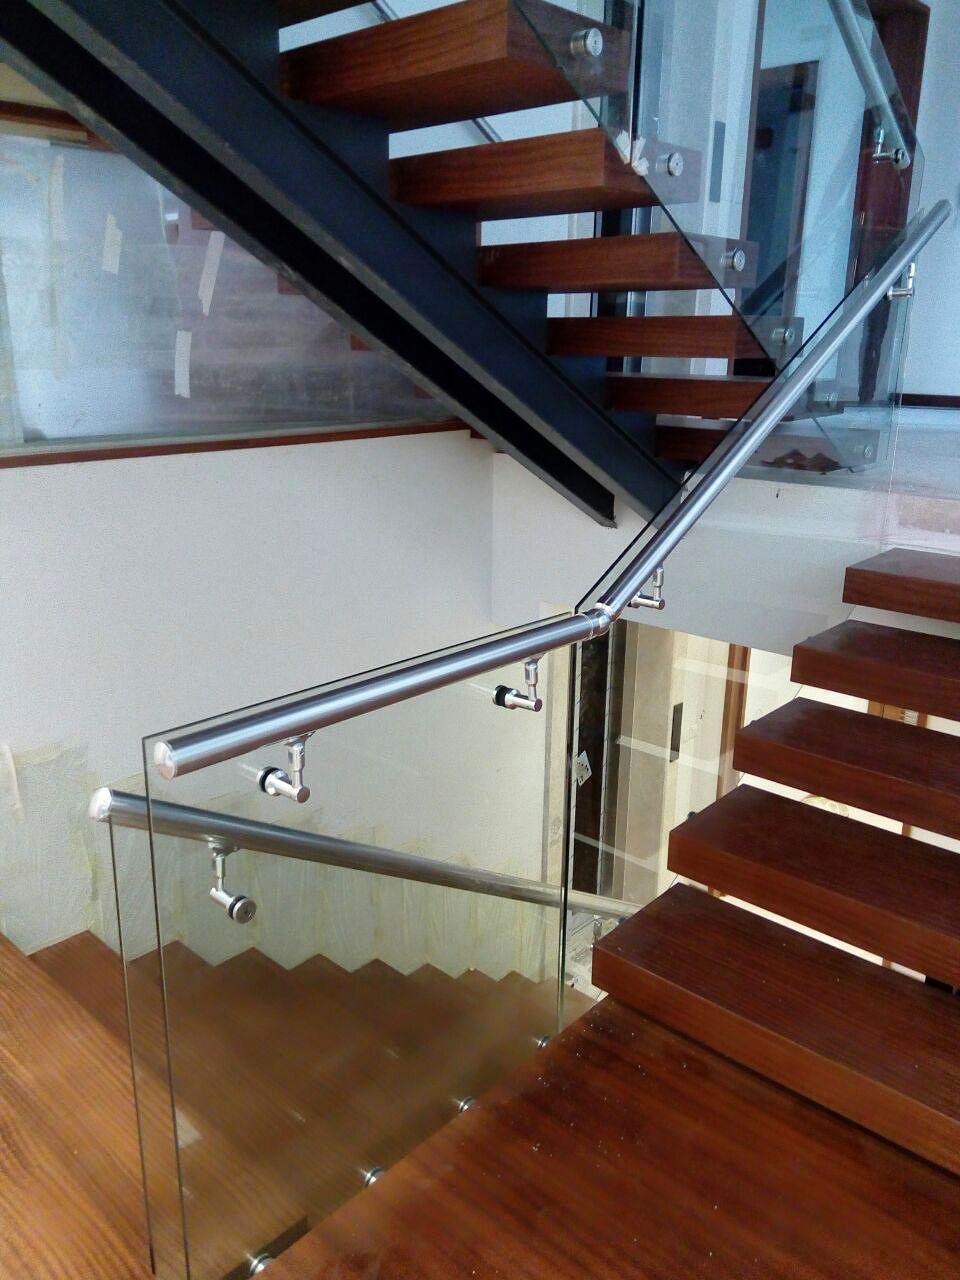 هندریل شیشه ای - گروه مهندسان مهرازان نما